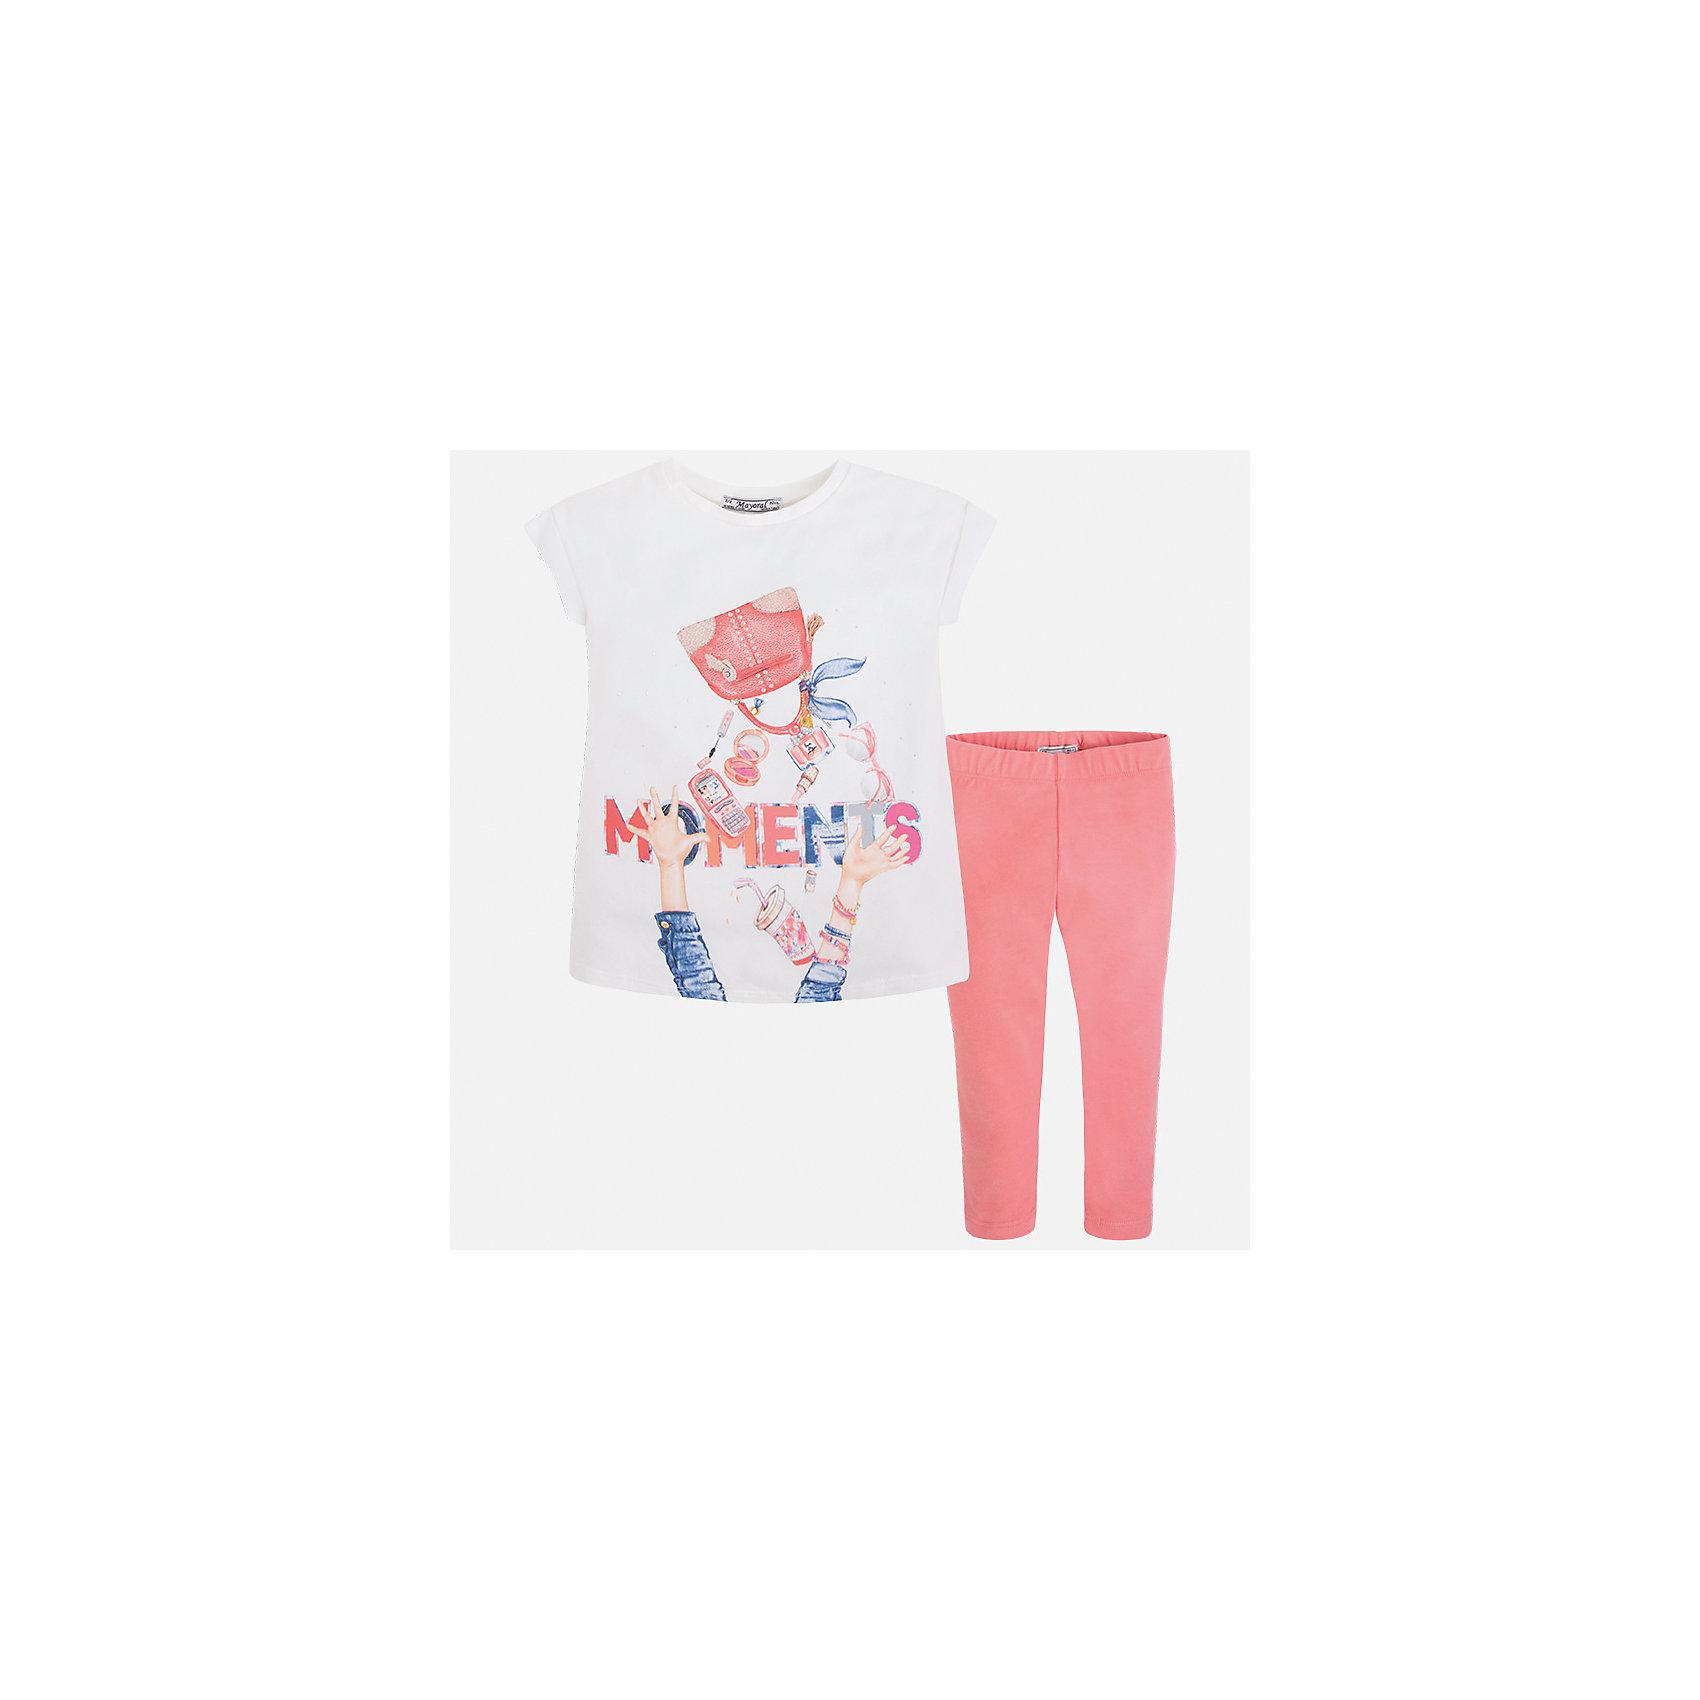 Комплект: блузка и леггинсы для девочки MayoralКомплекты<br>Характеристики товара:<br><br>• цвет: белый/розовый<br>• состав: 95% хлопок, 5% эластан<br>• комплектация: футболка, леггинсы<br>• футболка декорирована принтом <br>• леггинсы однотонные<br>• пояс на резинке<br>• страна бренда: Испания<br><br>Красивый качественный комплект для девочки поможет разнообразить гардероб ребенка и удобно одеться в теплую погоду. Он отлично сочетается с другими предметами. Универсальный цвет позволяет подобрать к вещам верхнюю одежду практически любой расцветки. Интересная отделка модели делает её нарядной и оригинальной. В составе материала - натуральный хлопок, гипоаллергенный, приятный на ощупь, дышащий.<br><br>Одежда, обувь и аксессуары от испанского бренда Mayoral полюбились детям и взрослым по всему миру. Модели этой марки - стильные и удобные. Для их производства используются только безопасные, качественные материалы и фурнитура. Порадуйте ребенка модными и красивыми вещами от Mayoral! <br><br>Комплект для девочки от испанского бренда Mayoral (Майорал) можно купить в нашем интернет-магазине.<br><br>Ширина мм: 123<br>Глубина мм: 10<br>Высота мм: 149<br>Вес г: 209<br>Цвет: розовый<br>Возраст от месяцев: 24<br>Возраст до месяцев: 36<br>Пол: Женский<br>Возраст: Детский<br>Размер: 98,104,110,116,122,128,134,92<br>SKU: 5300497